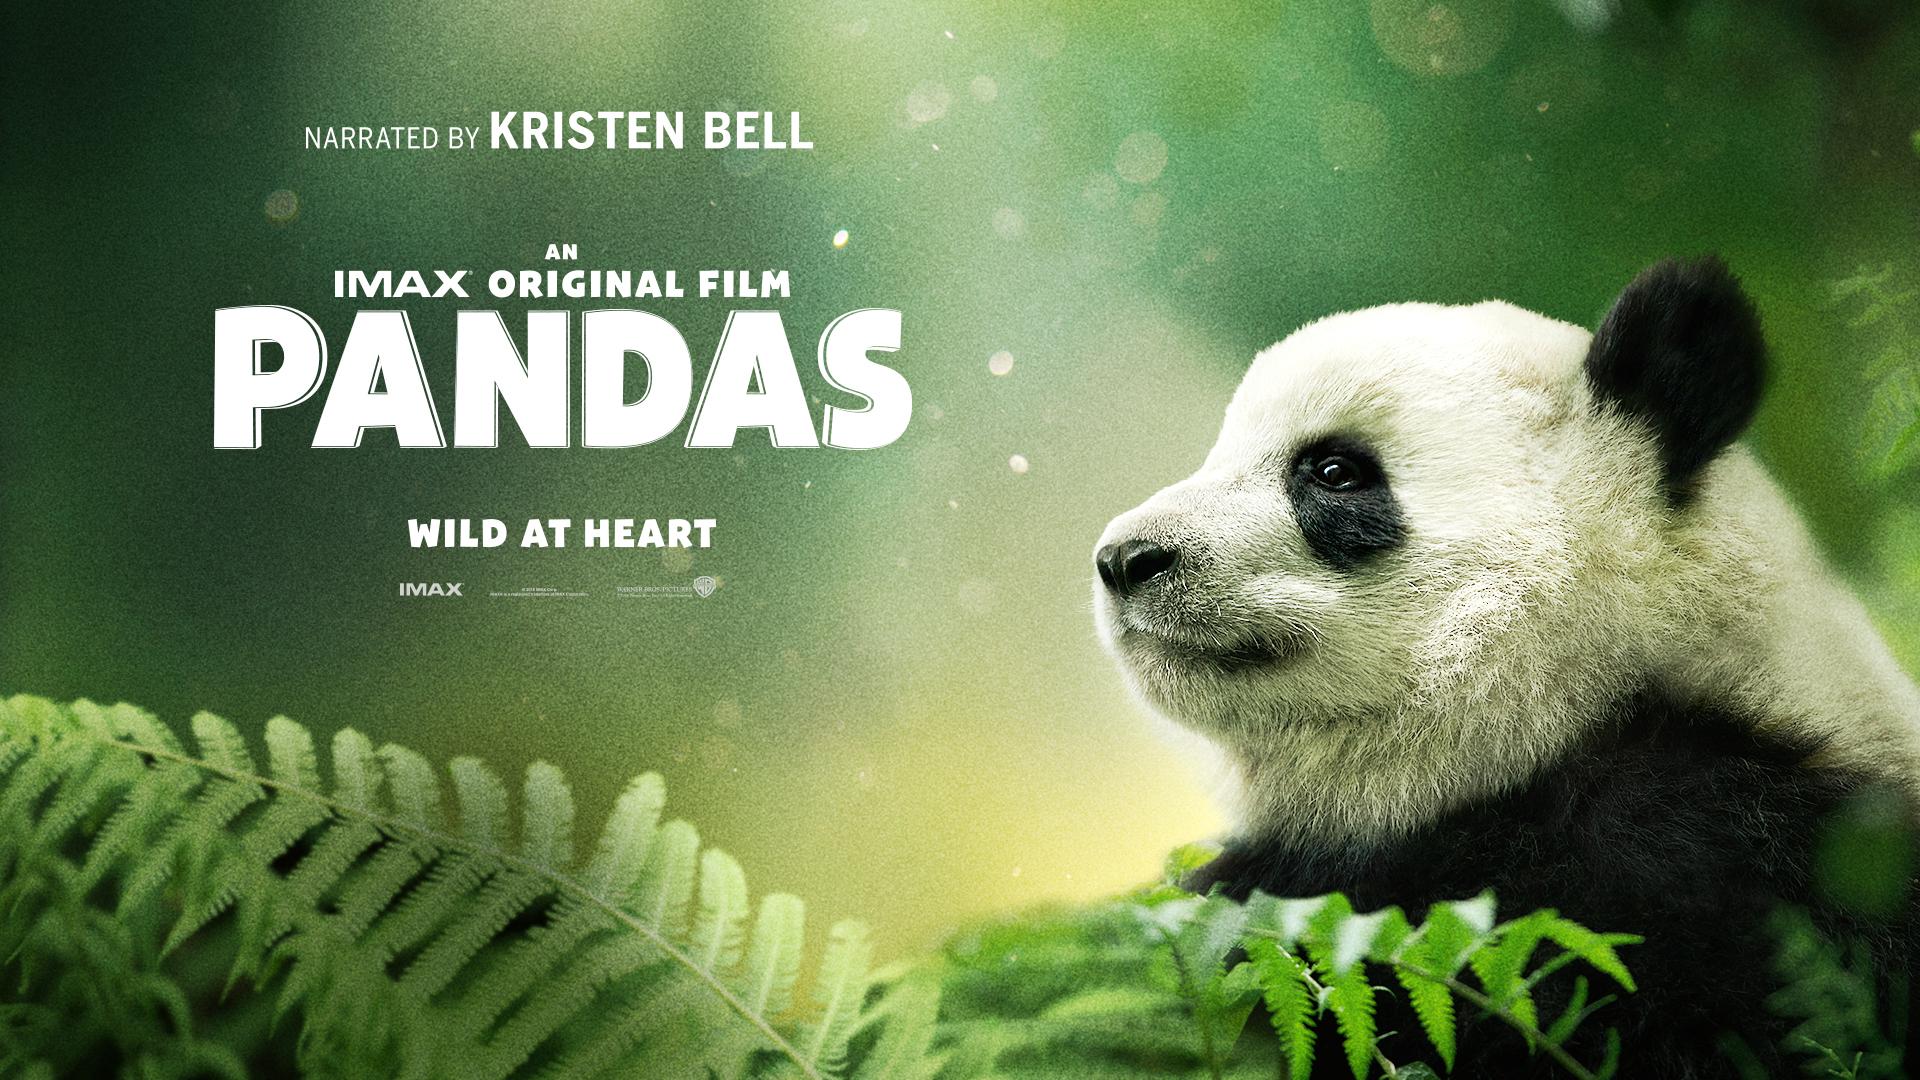 IMAX Pandas Review